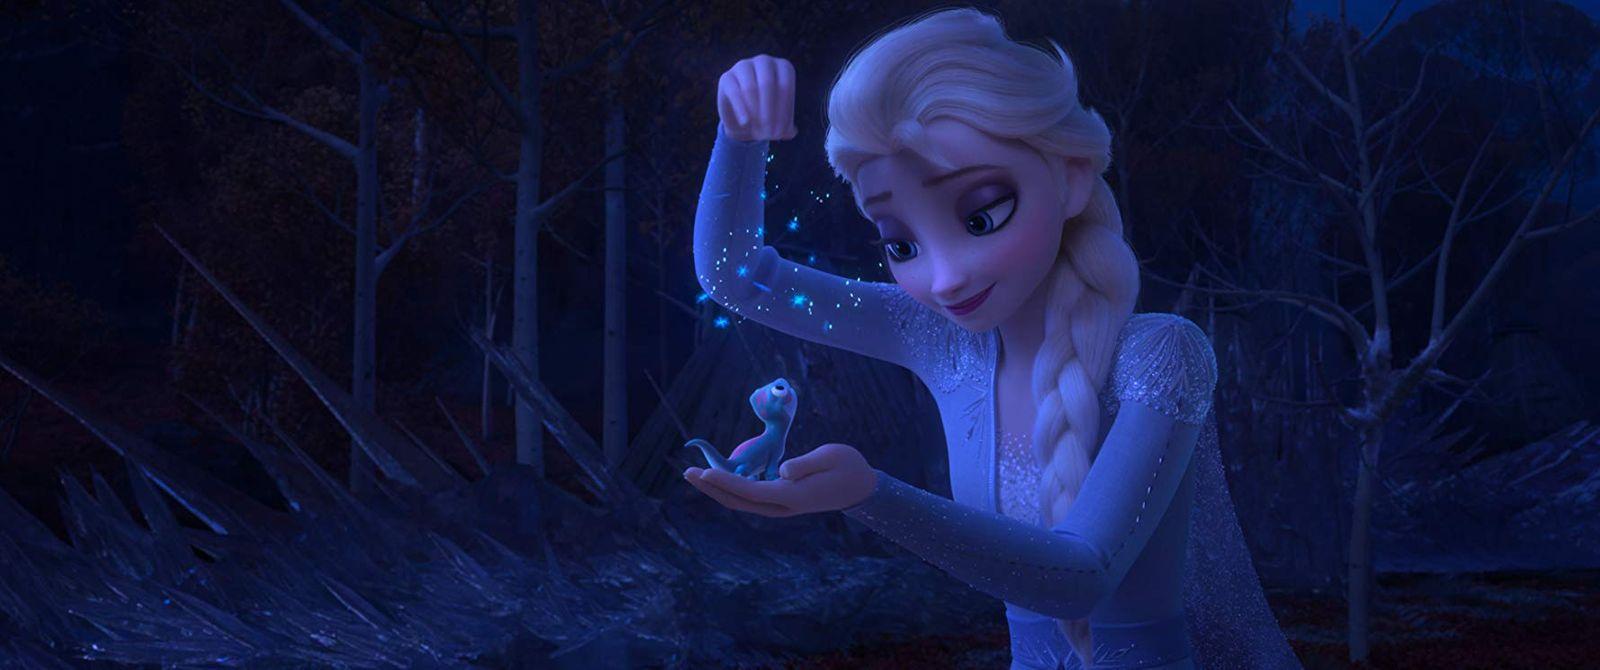 [รีวิว] Frozen 2 (2019) การผจญภัยครั้งใหม่ของเจ้าหญิงพลังน้ำแข็ง